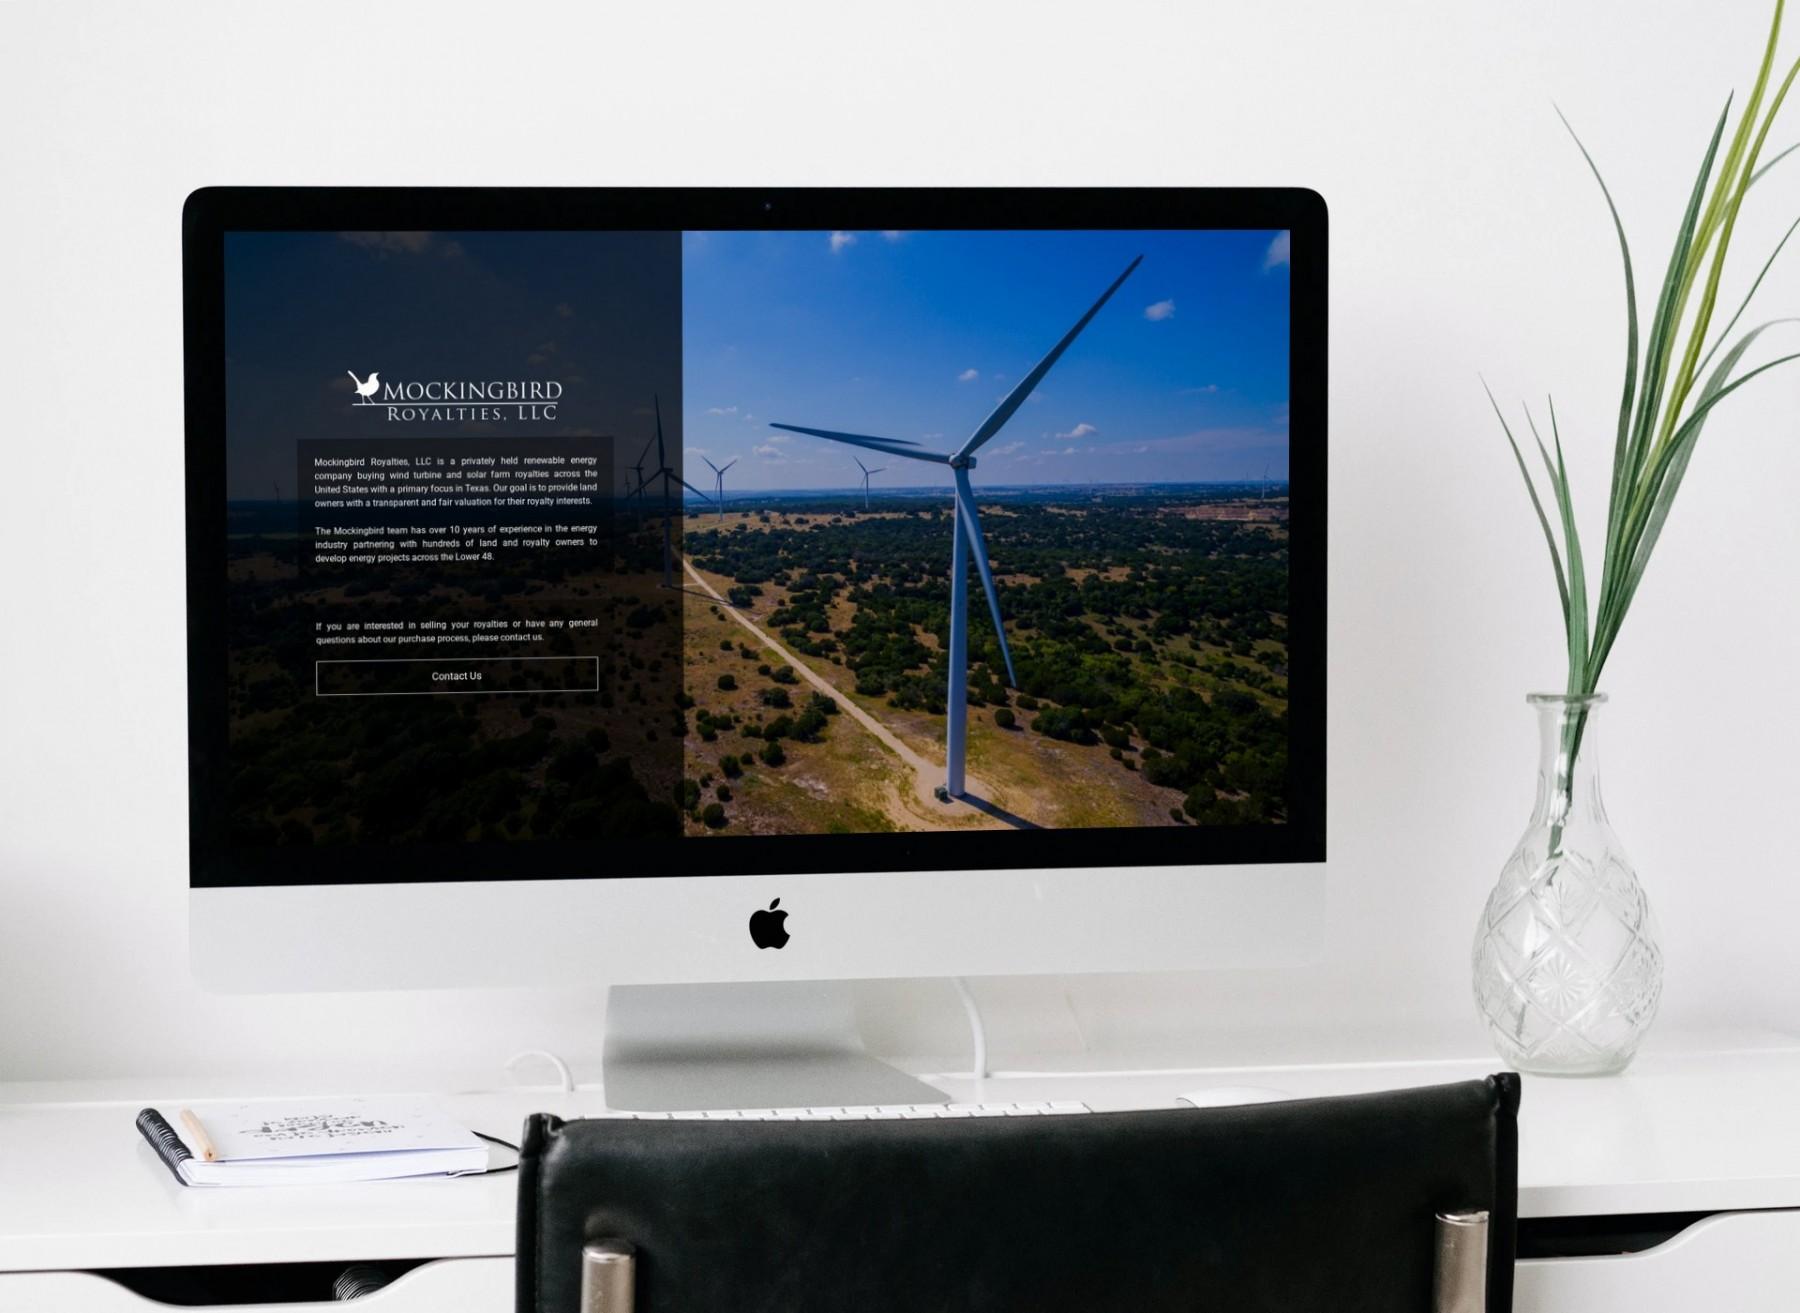 Mockingbird Royalties Website Design - Desktop